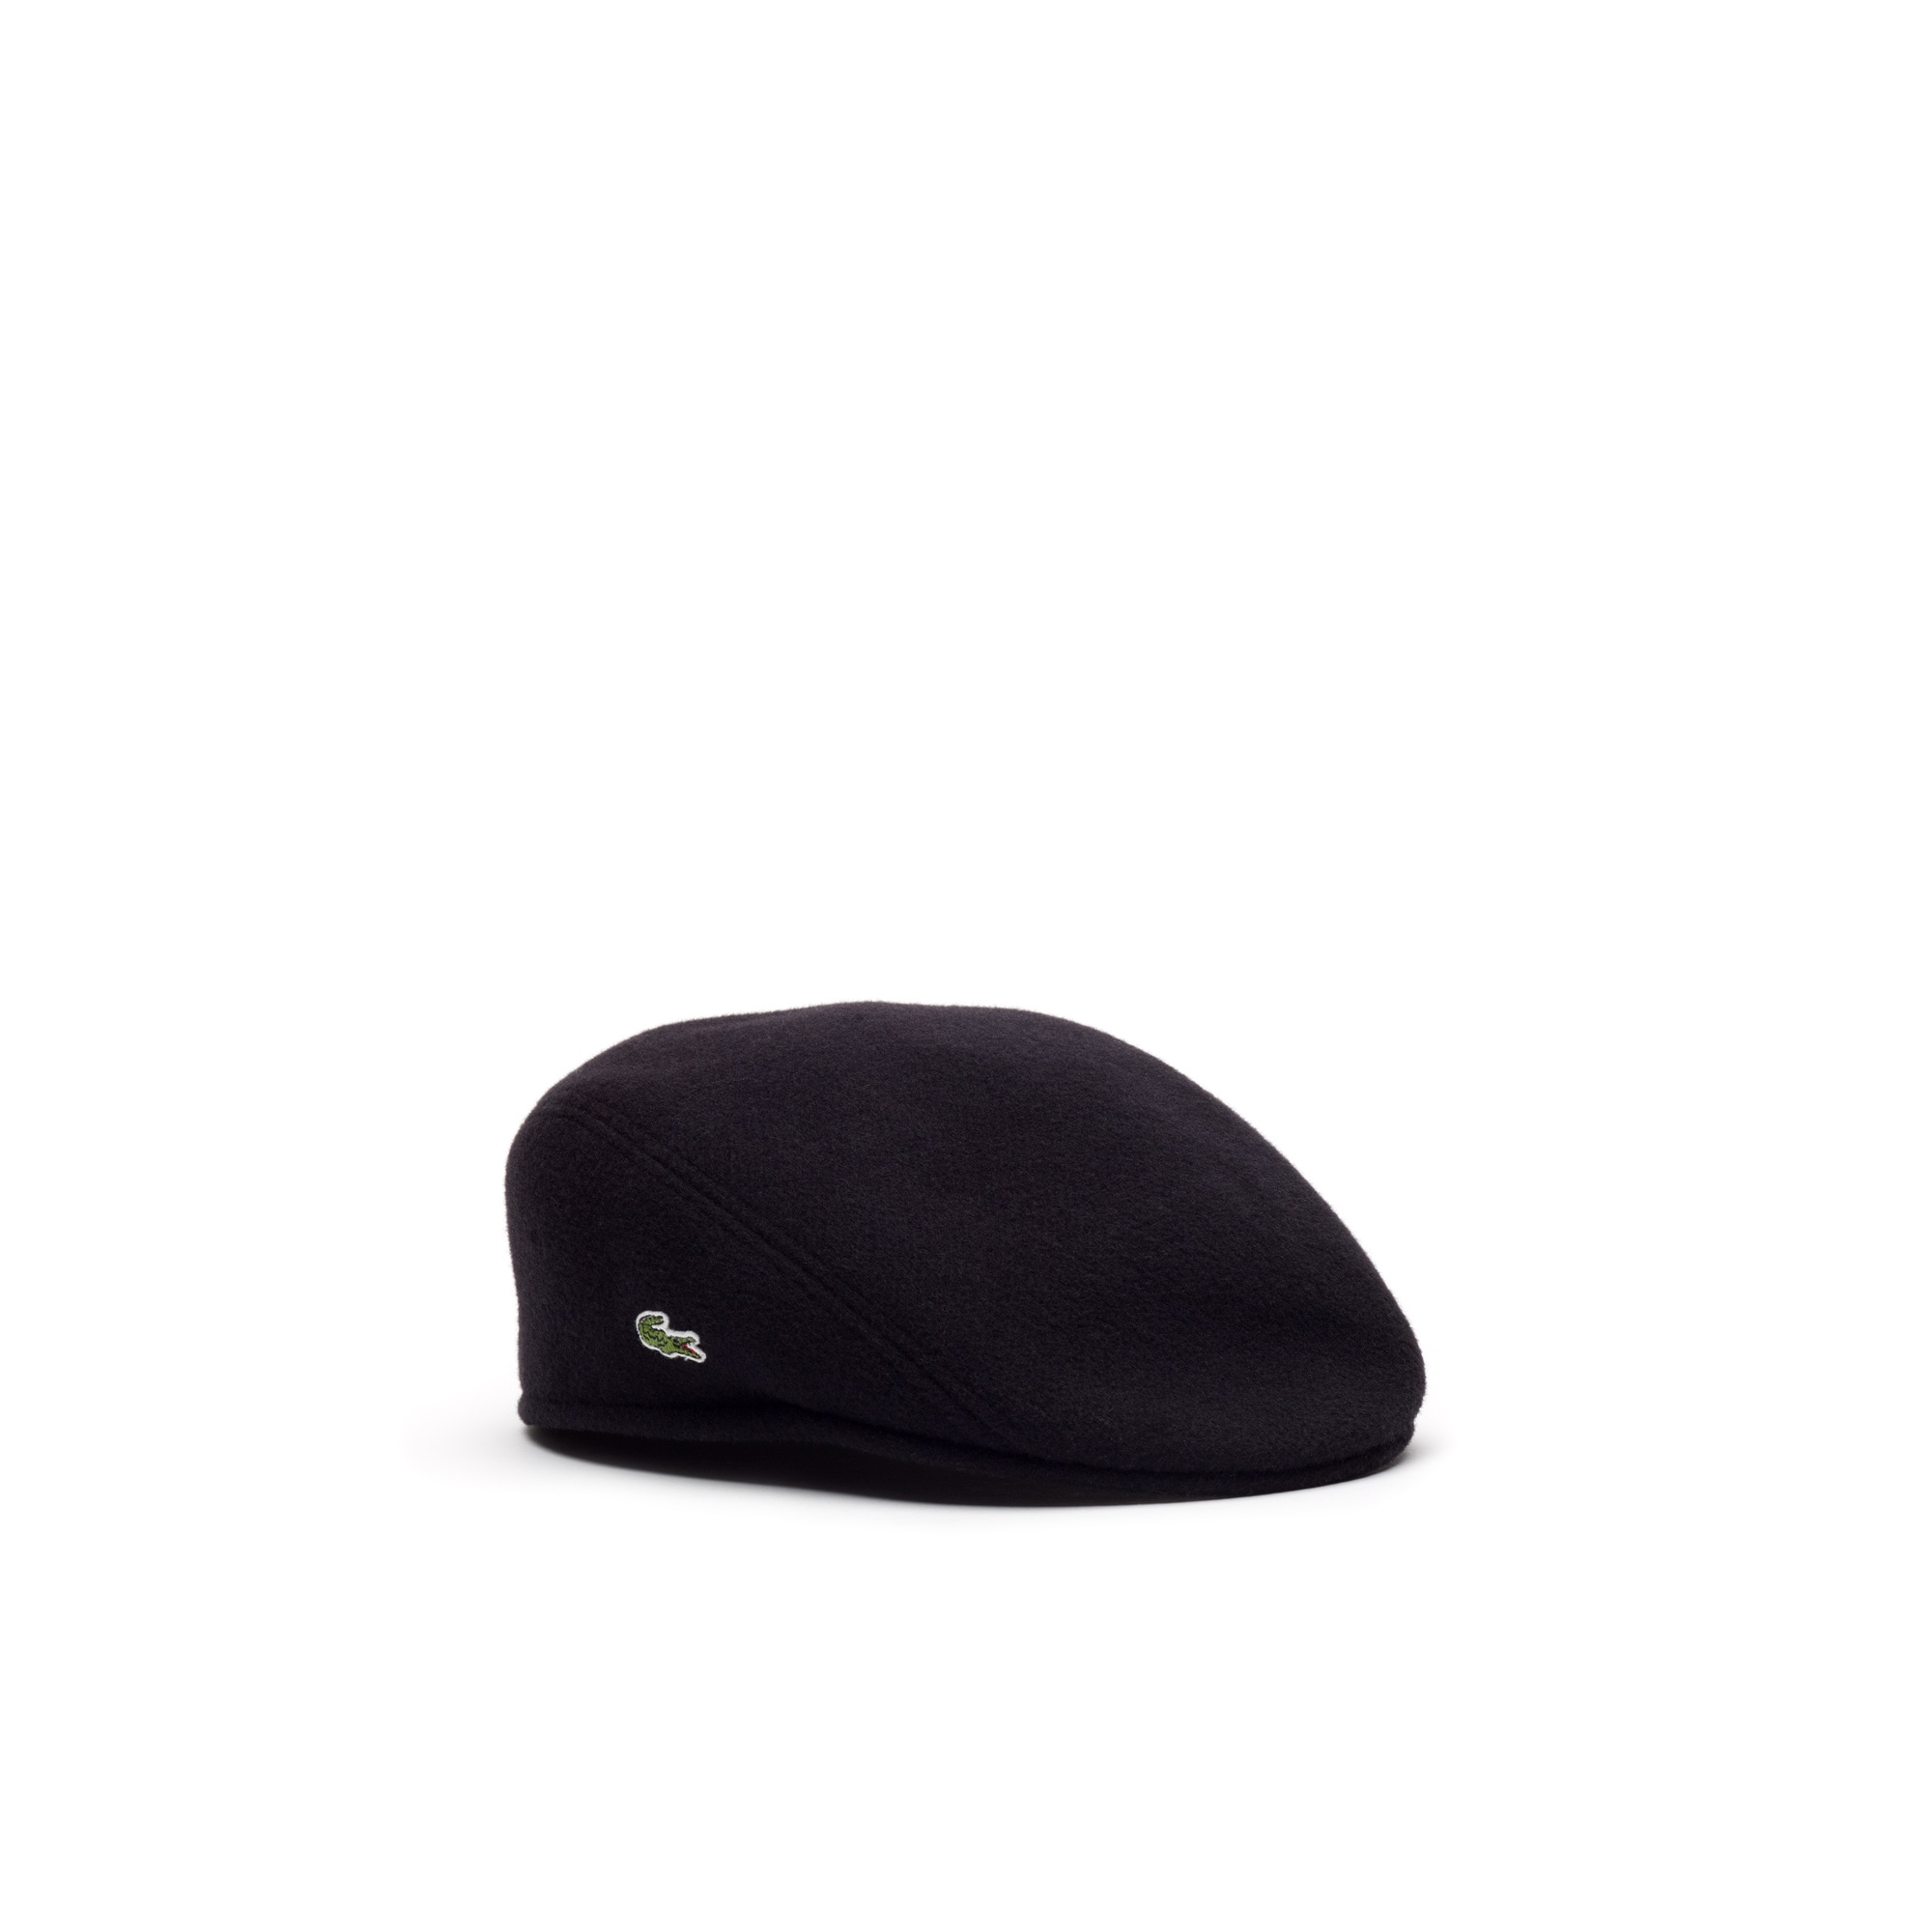 Lacoste - Gorra de hombre plana de paño de lana - 1